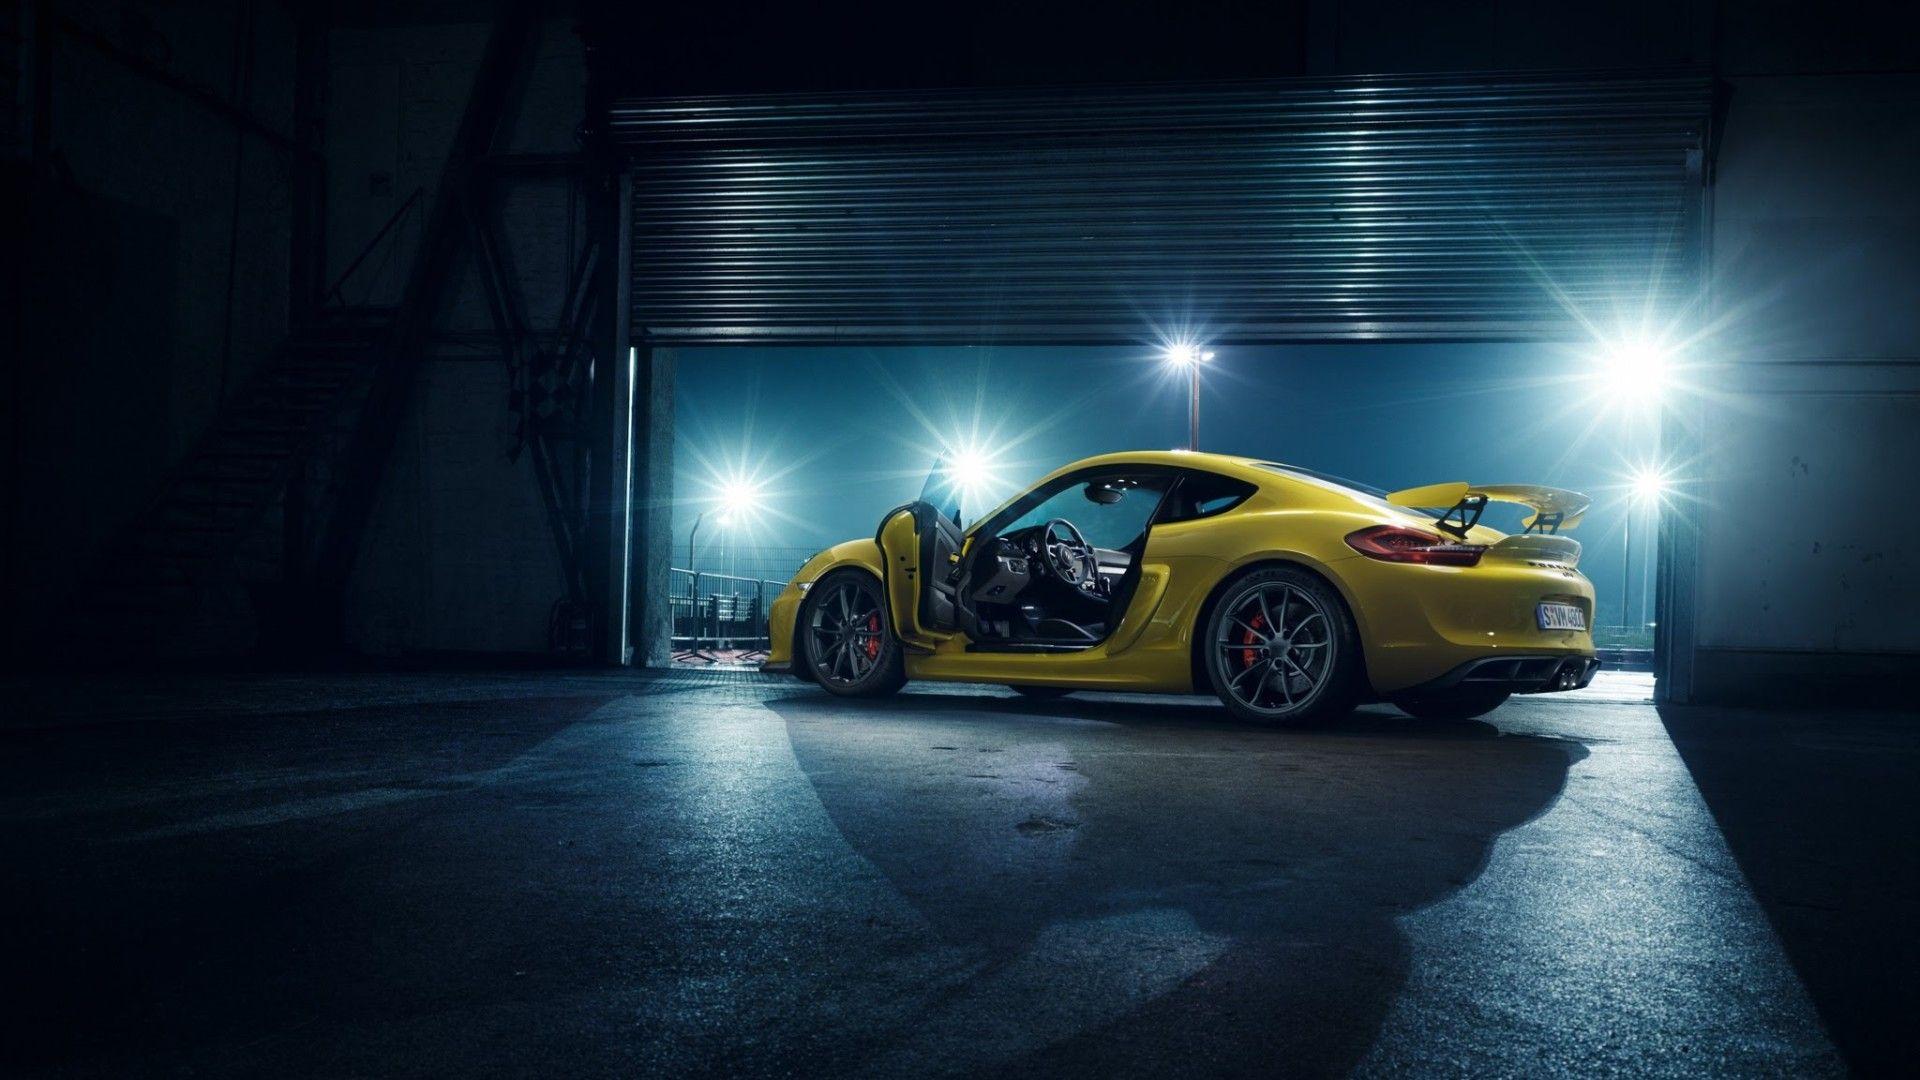 Porsche Cayman Gt White Wallpaper Cayman Gt4 Porsche Cayman